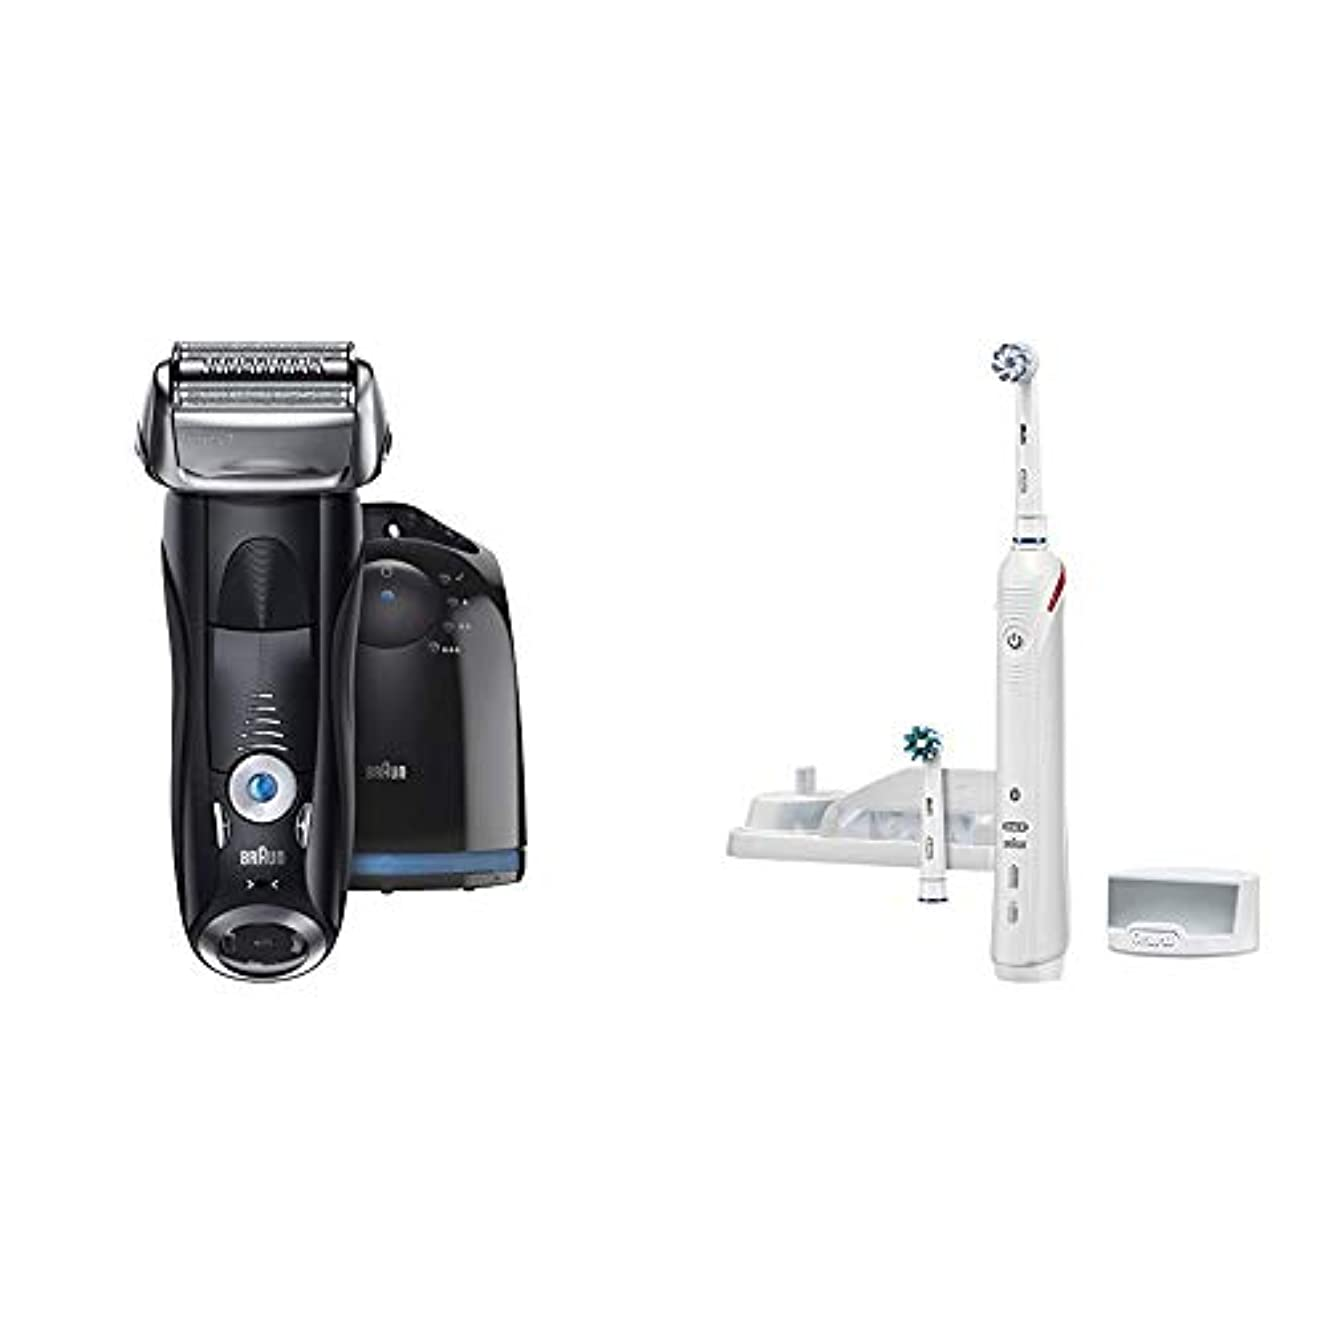 指パフ不調和【Amazon.co.jp 限定】ブラウン メンズ電気シェーバー シリーズ7 7760cc 4カットシステム 洗浄機付 水洗い可 & ブラウン オーラルB 電動歯ブラシ スマート4000 D6015253P